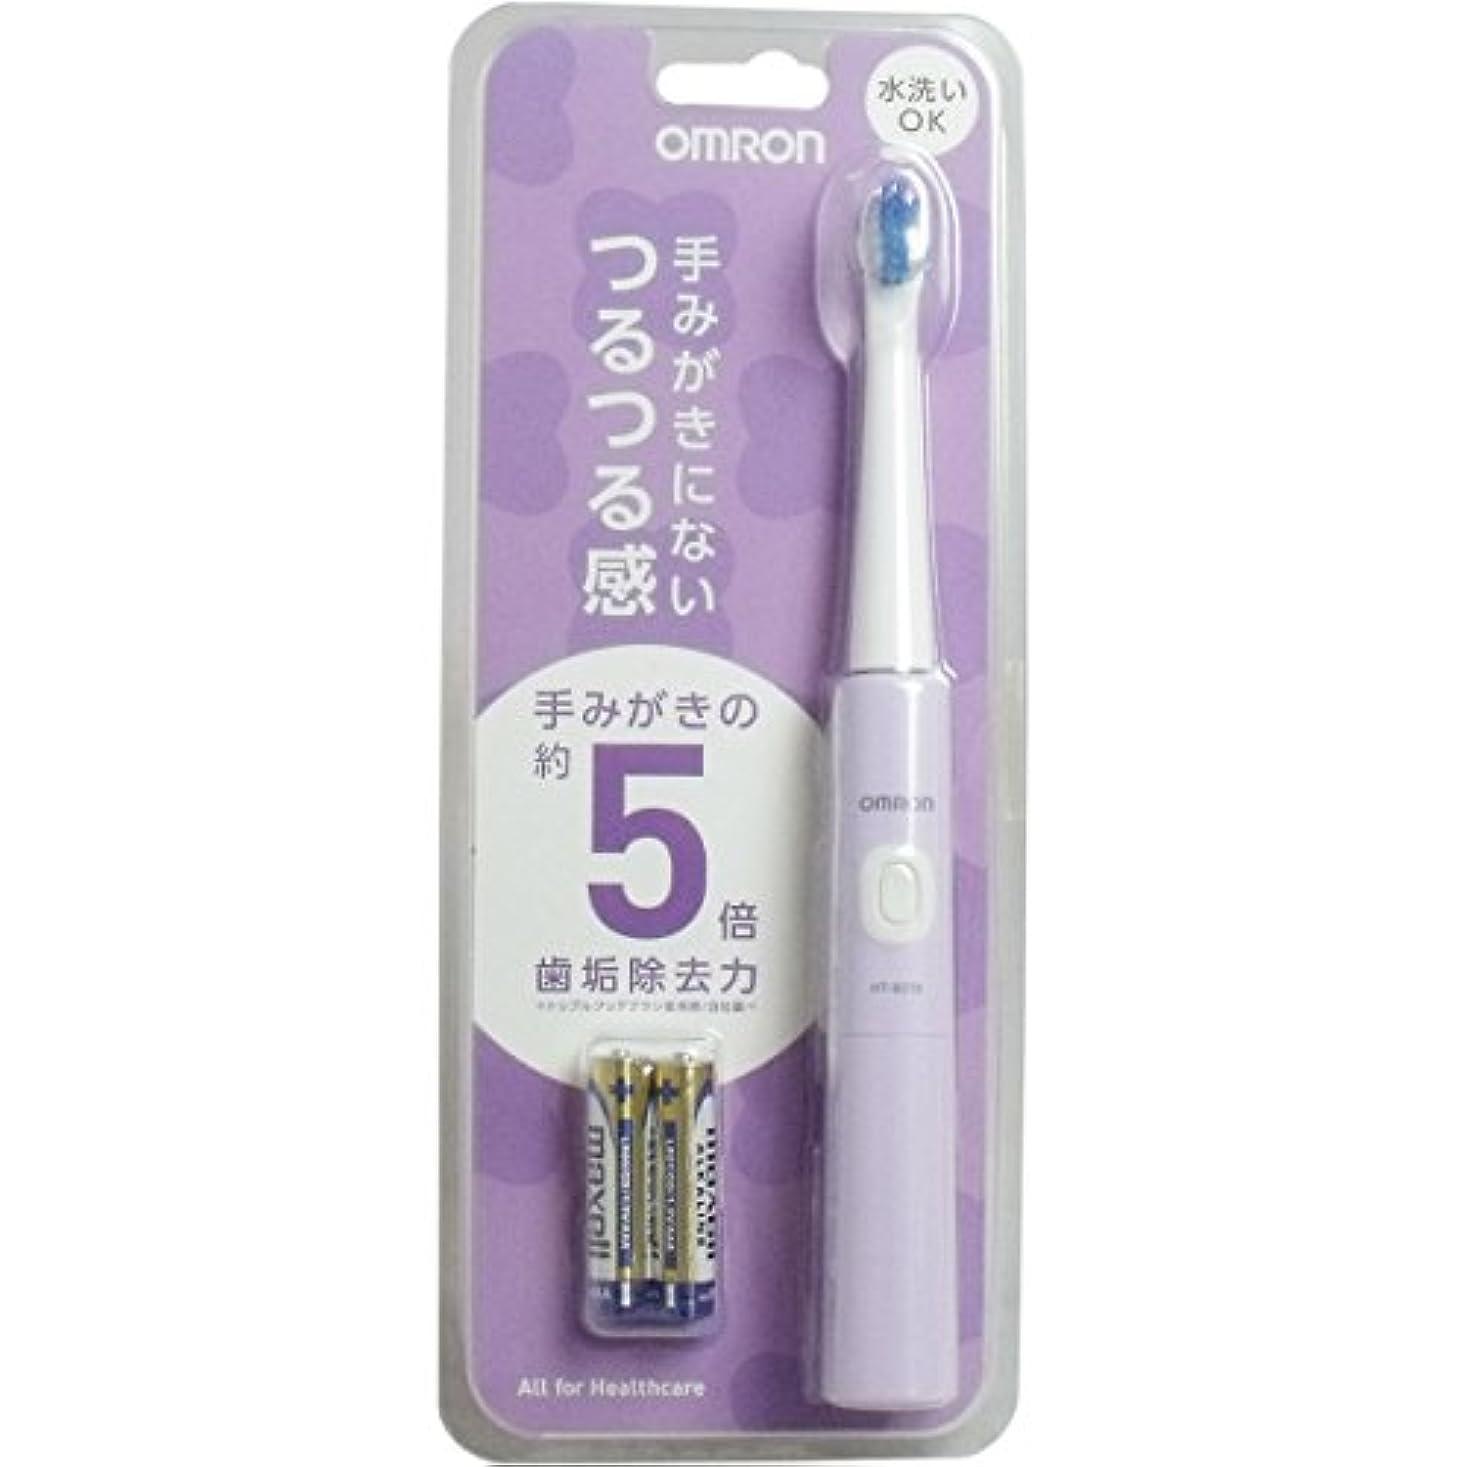 防止ブランド名モーションオムロンヘルスケア 音波式電動歯ブラシ パープル HT-B210-V